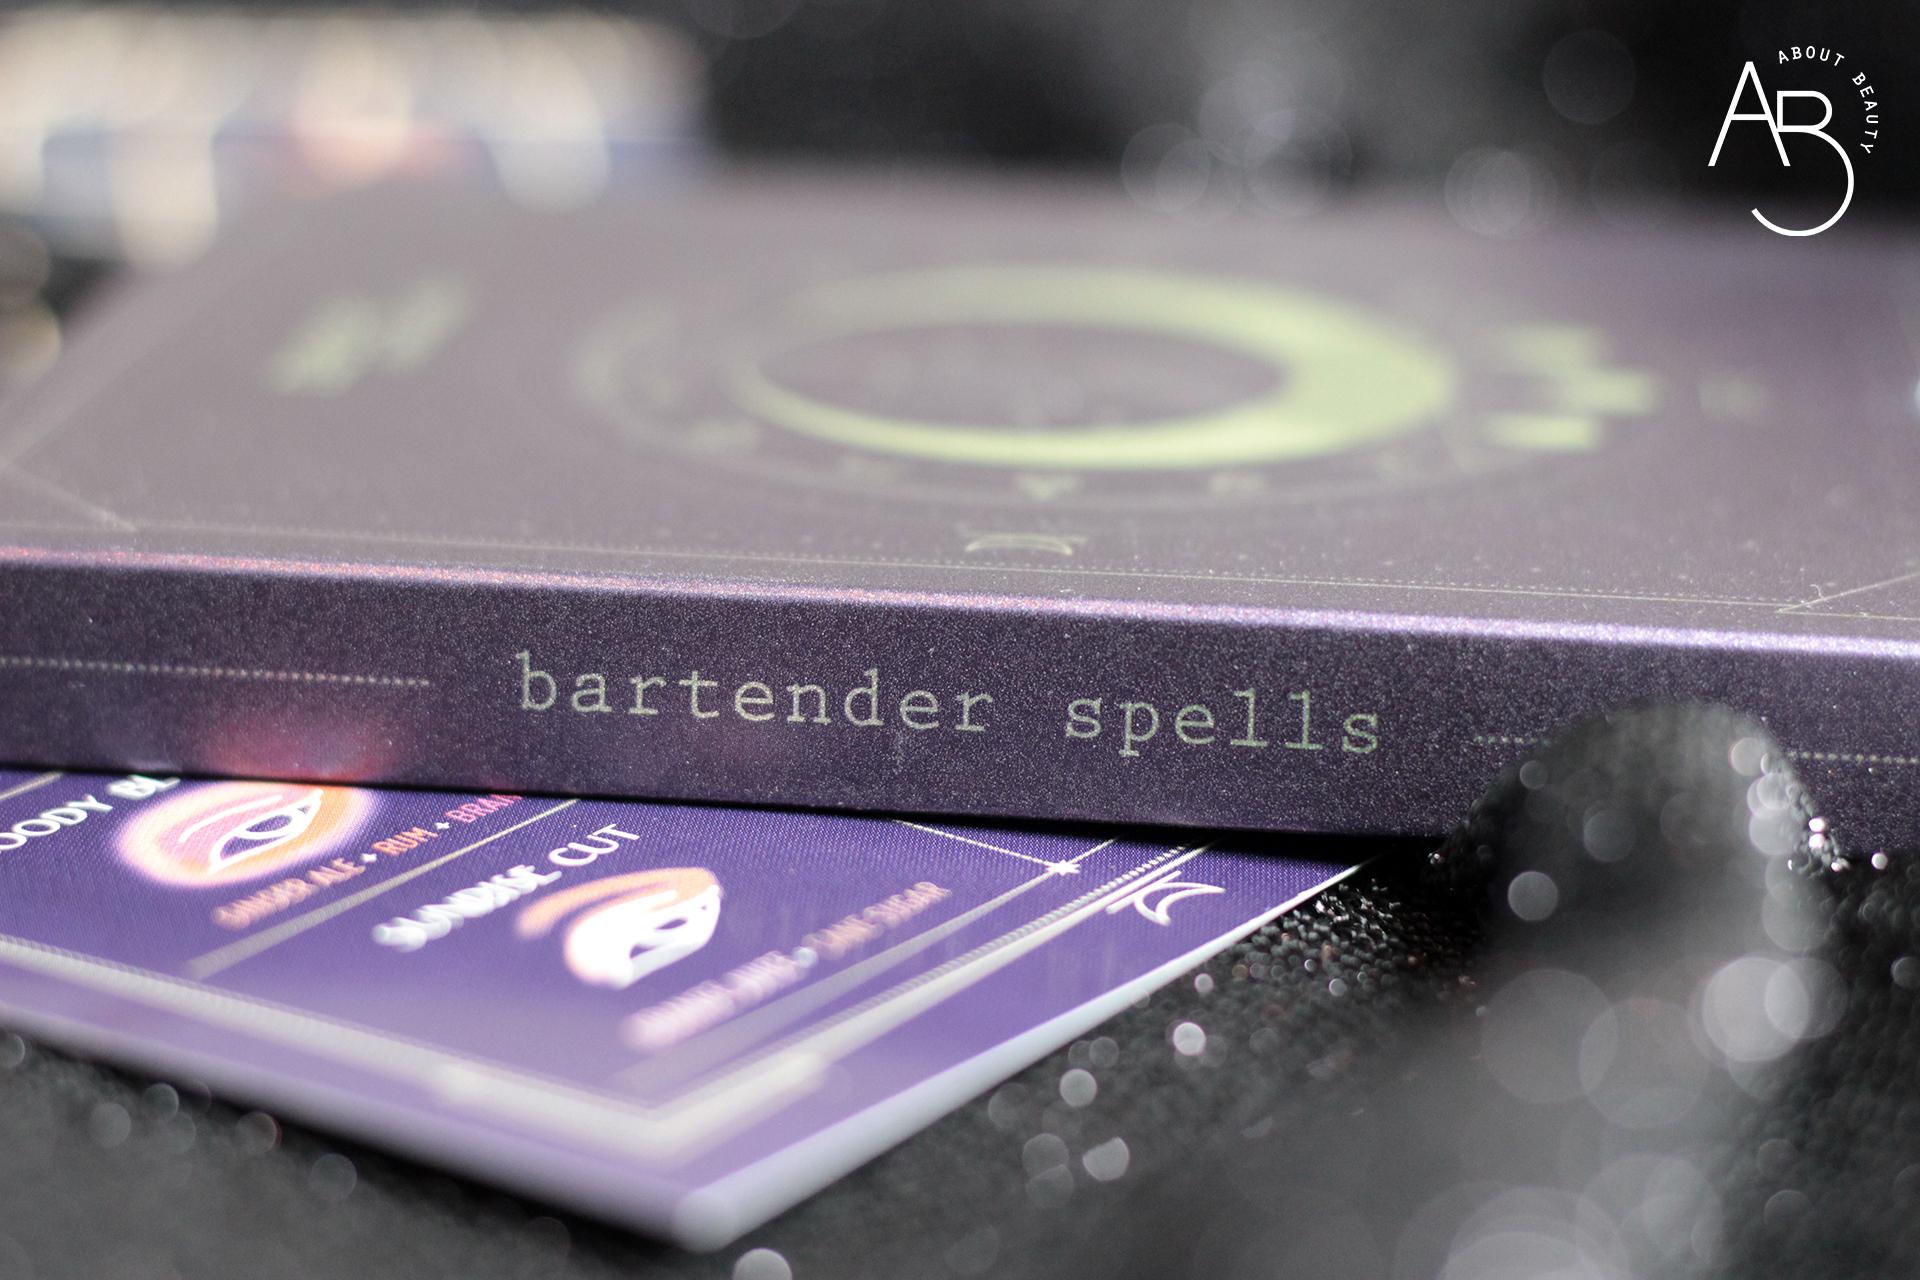 neve-cosmetics-bartender-spells-palette-ombretti-recensione-review-inci-prezzo-codice-sconto-opinioni-swatch-detail